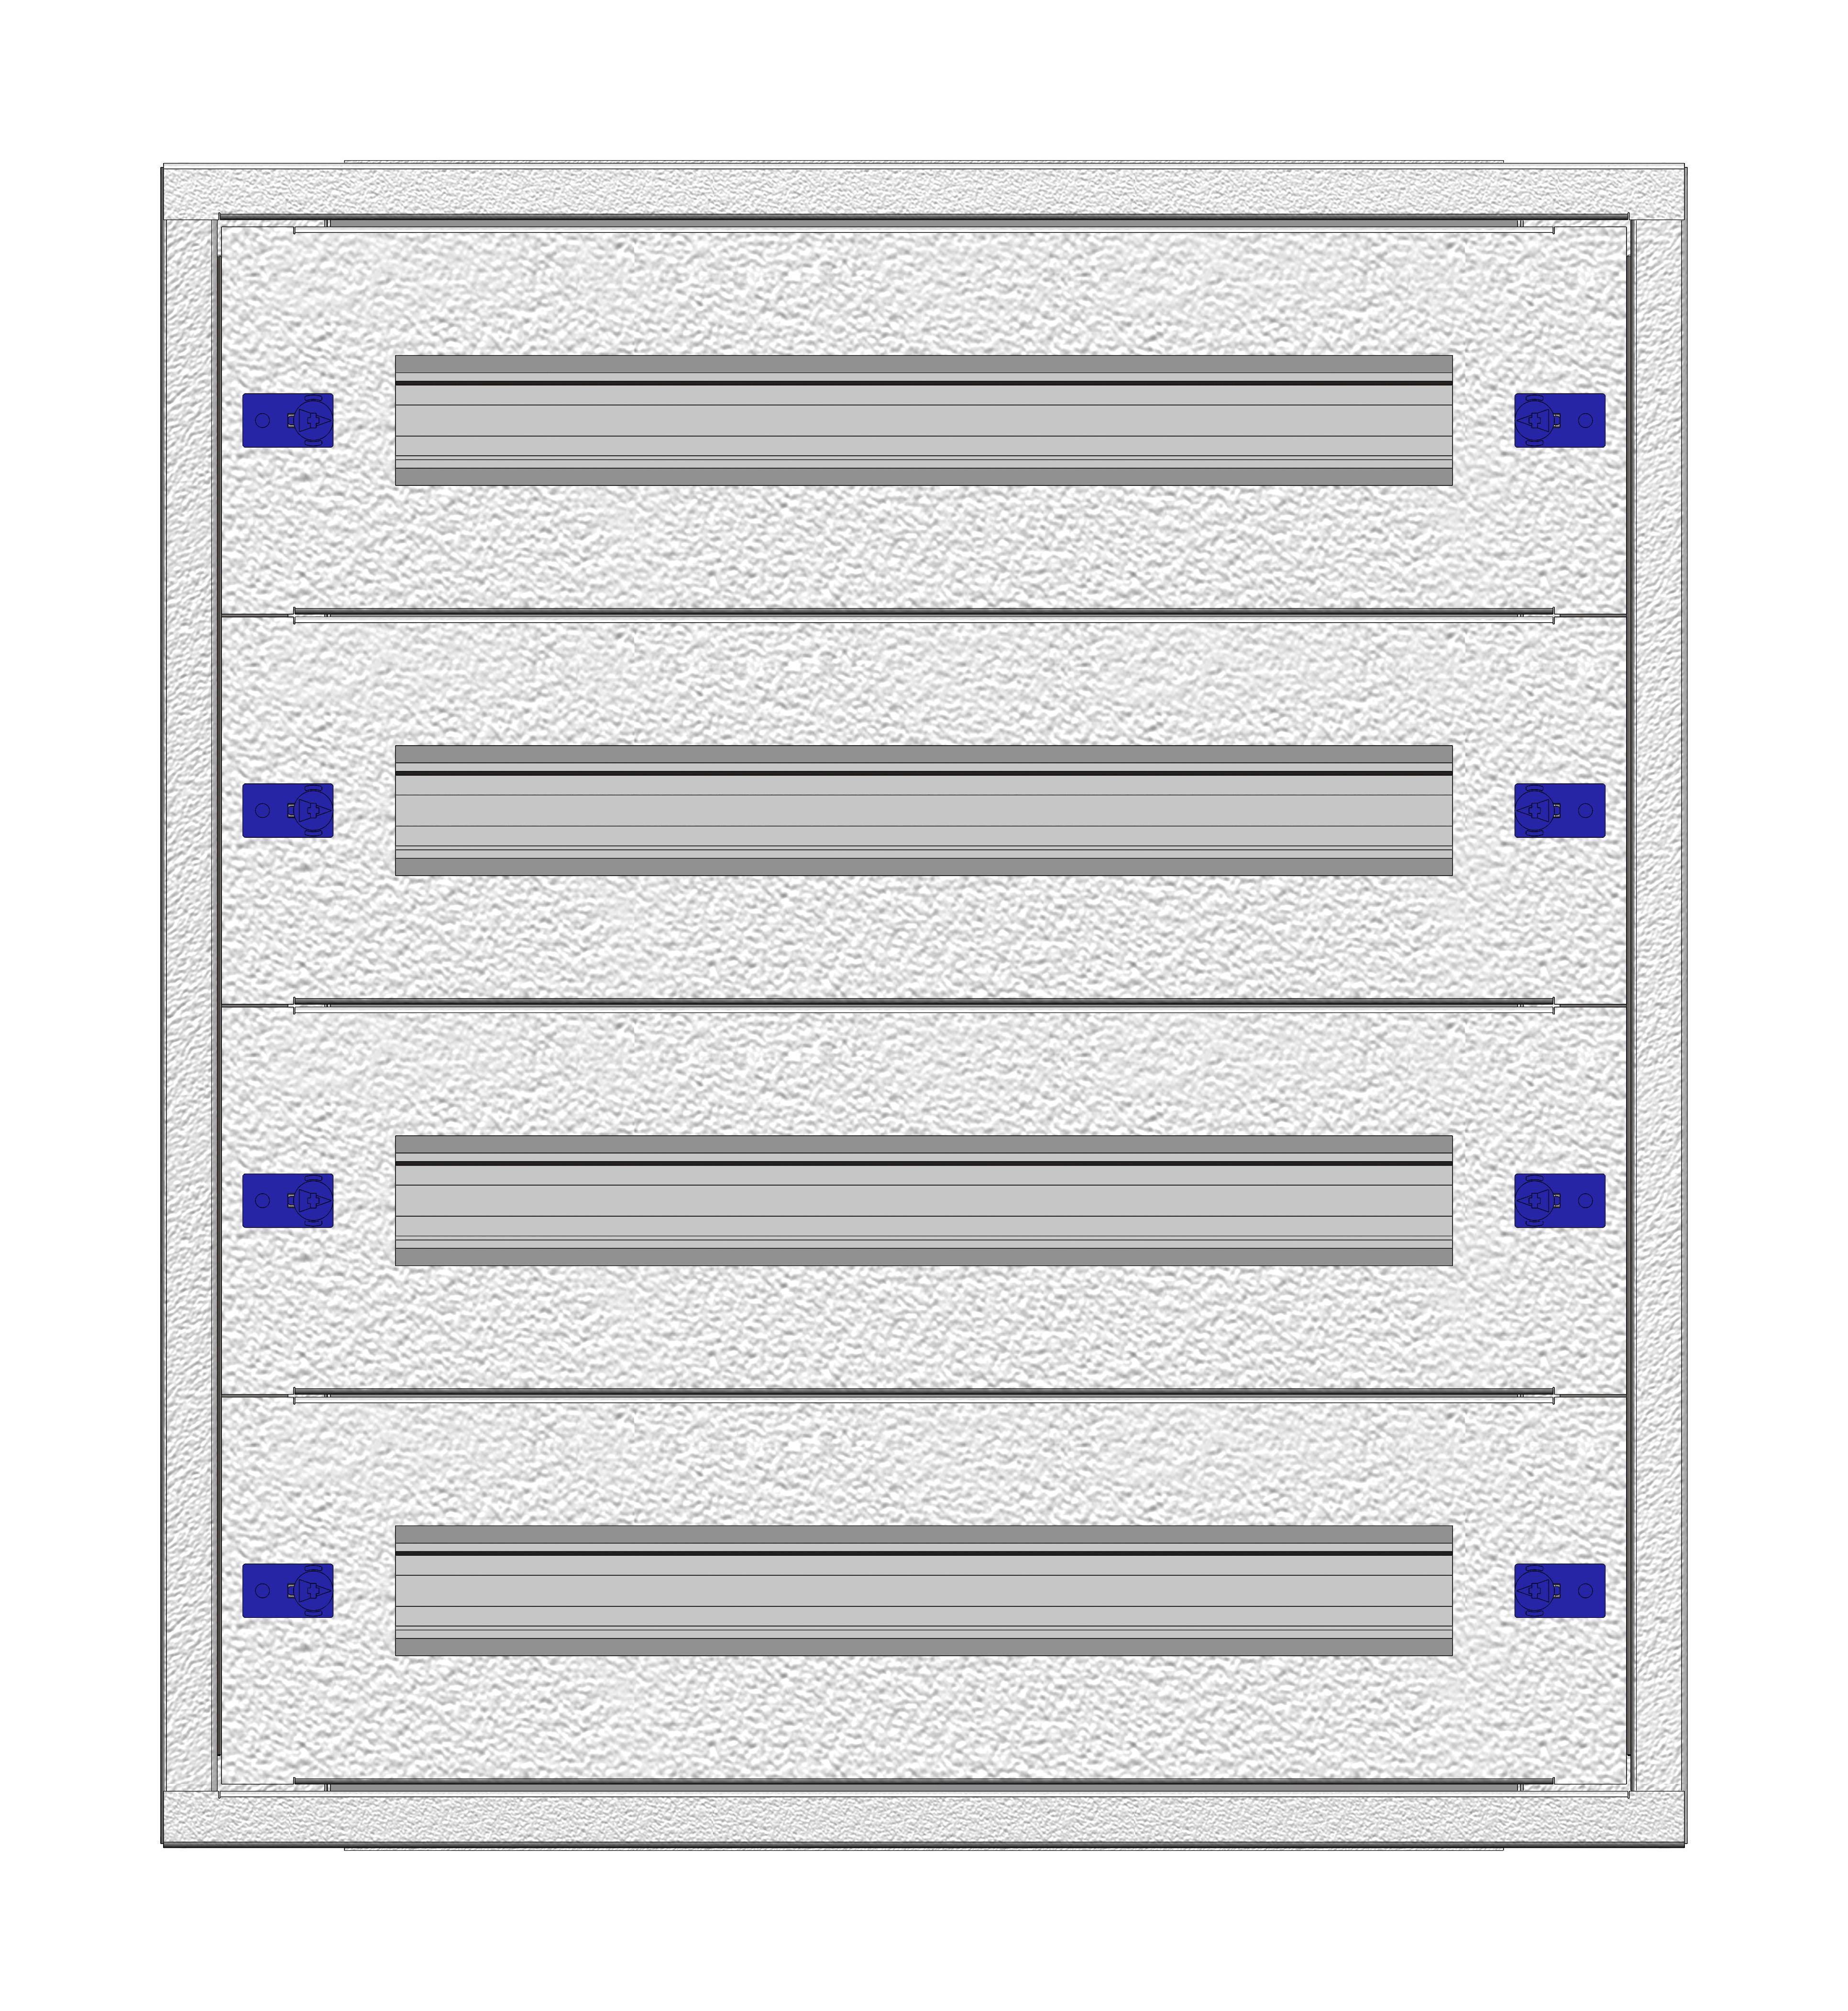 1 Stk Aufputz-Installationsverteiler 2A-12K, H640B590T100mm flach IL172912AS